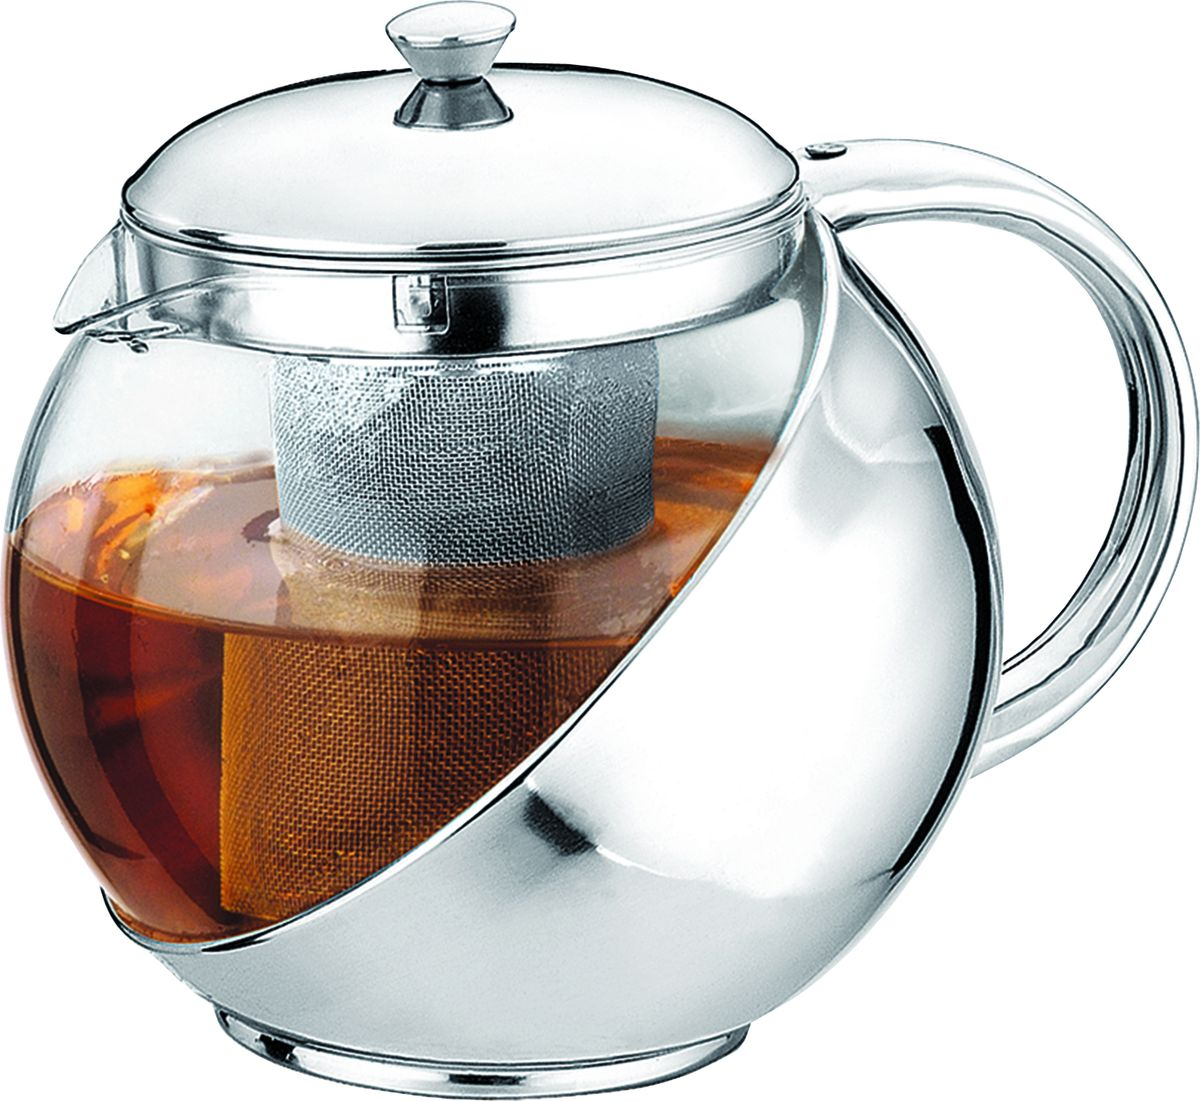 Чайник заварочный Irit, цвет: серебристый, 0,75 лKTZ-075-021Чайник заварочный 0.75 л. Чайник изготовлен из жаропрочного стекла. Фильтр из высококачественной нержавеющей стали. Оправа из стали защищает колбу от ударов и повреждений.